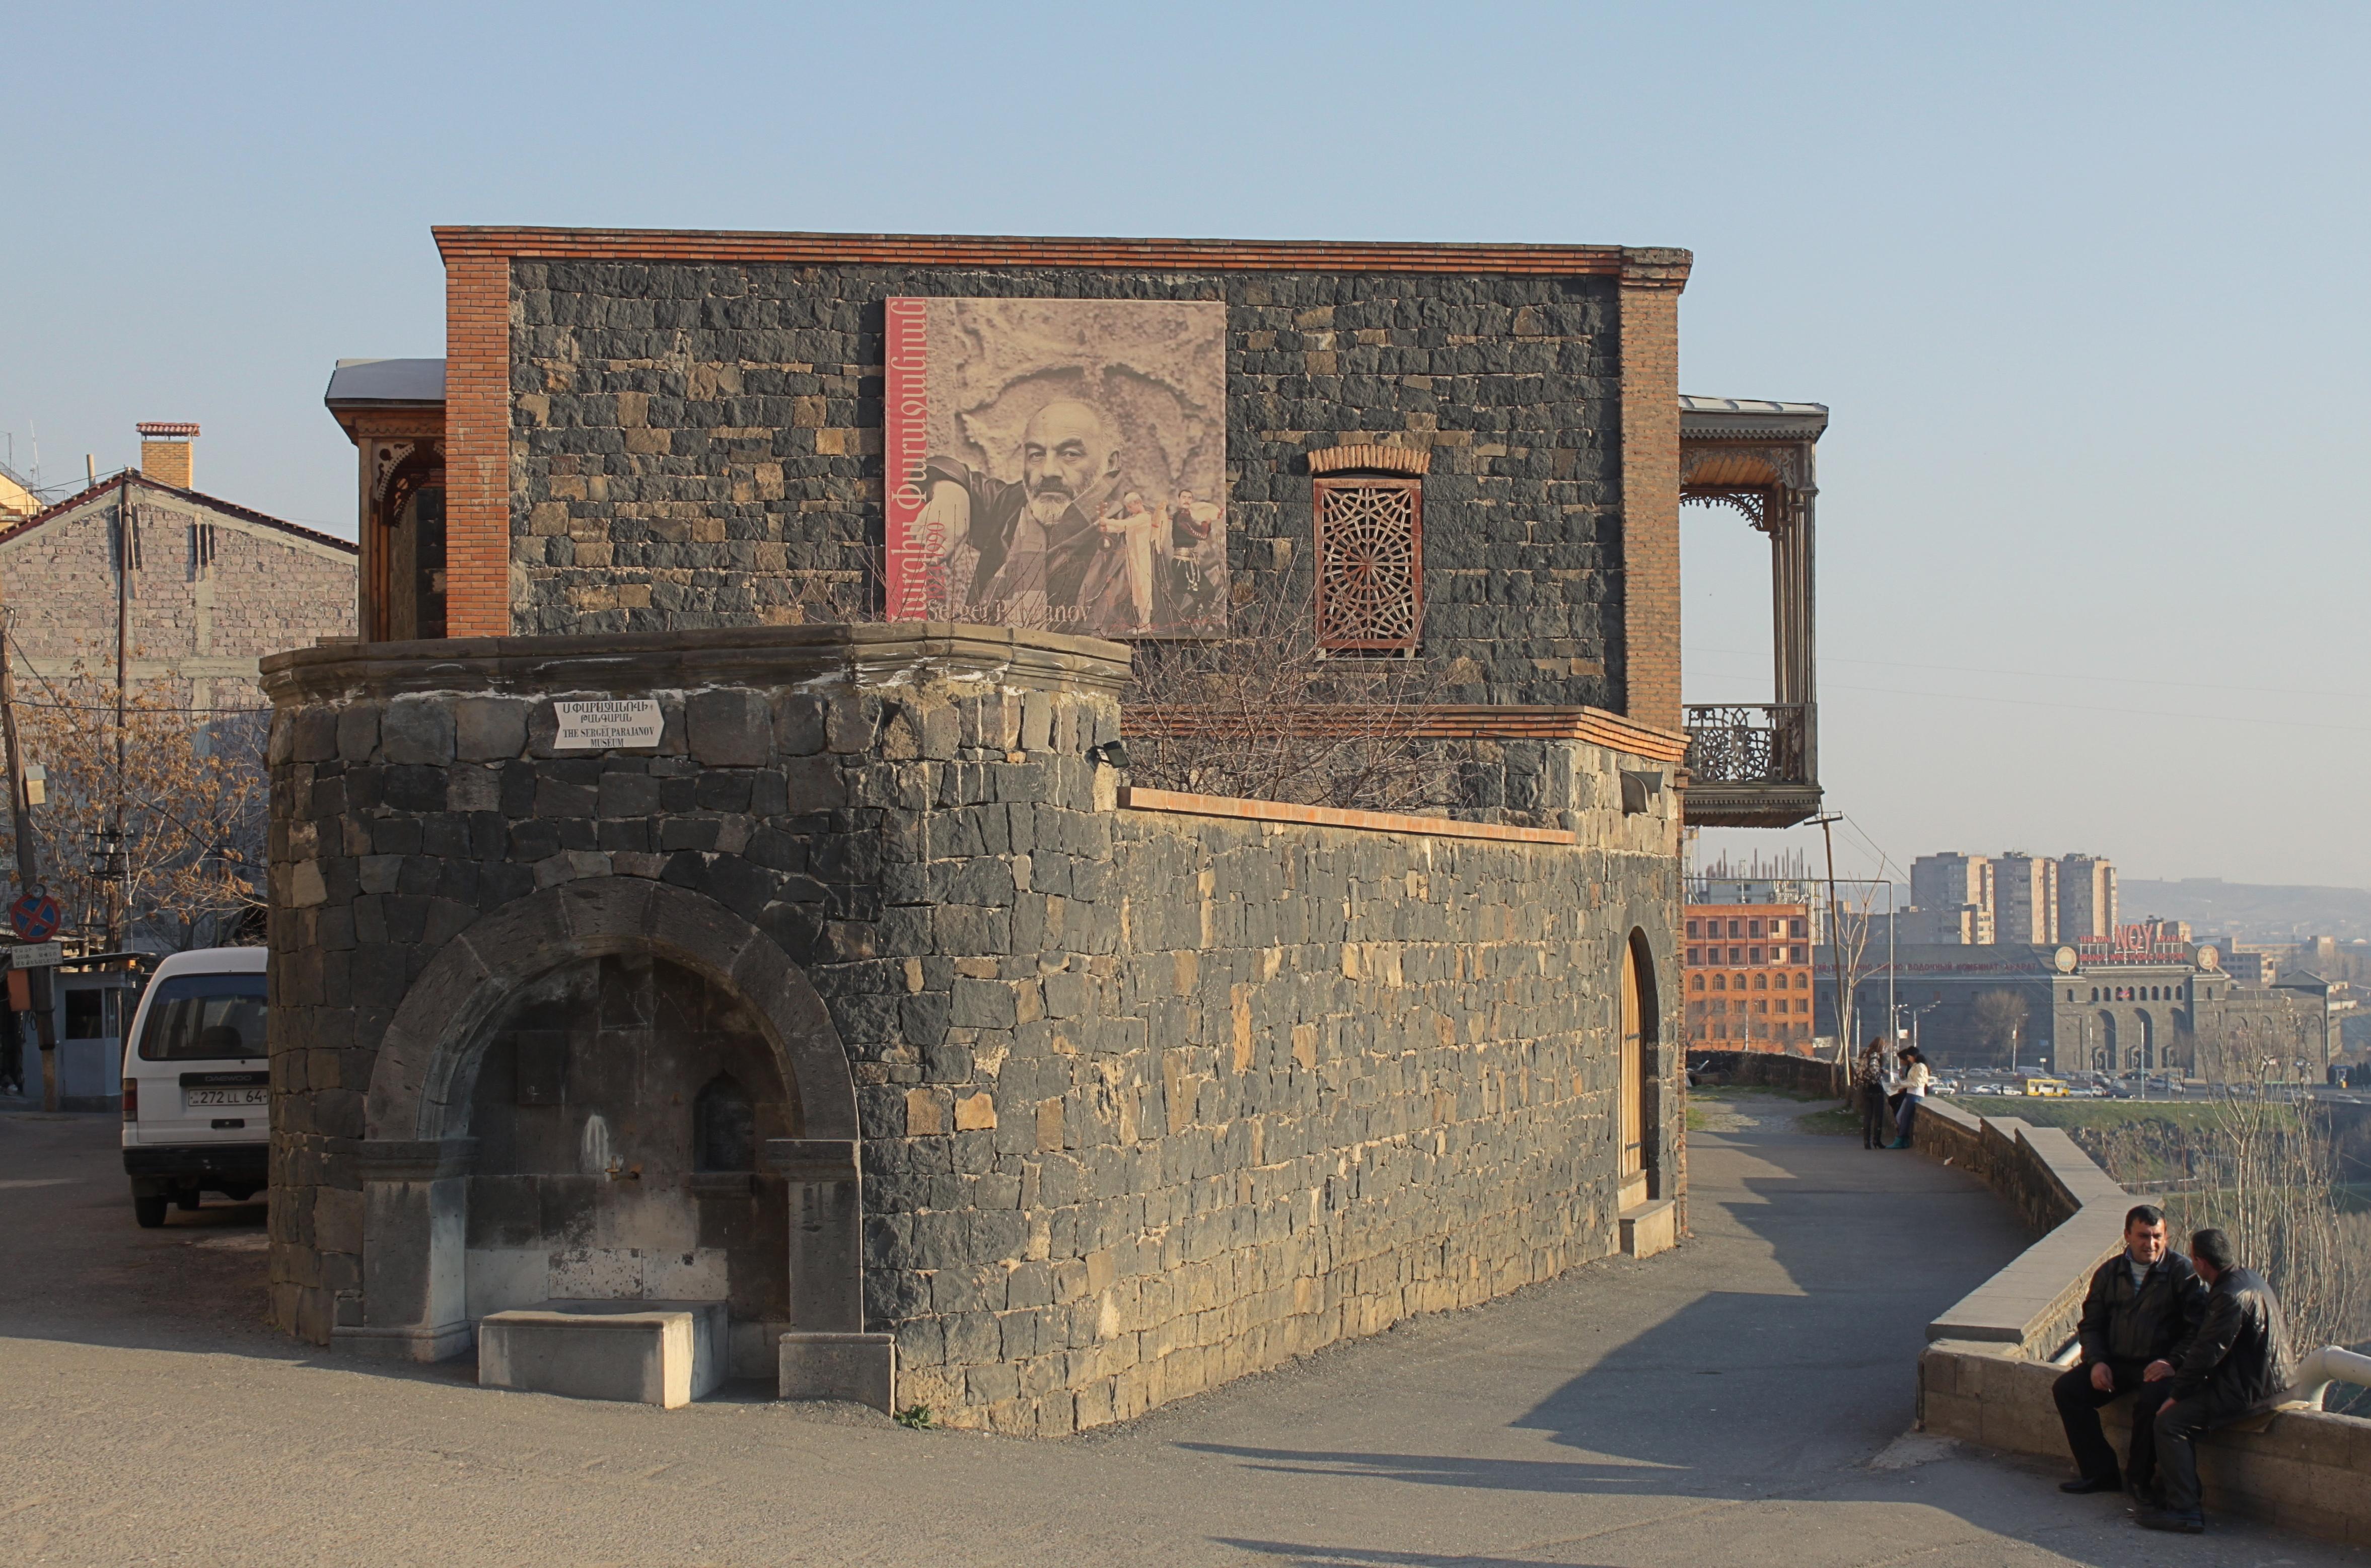 Досторимечательности Еревана - Музей Параджанова